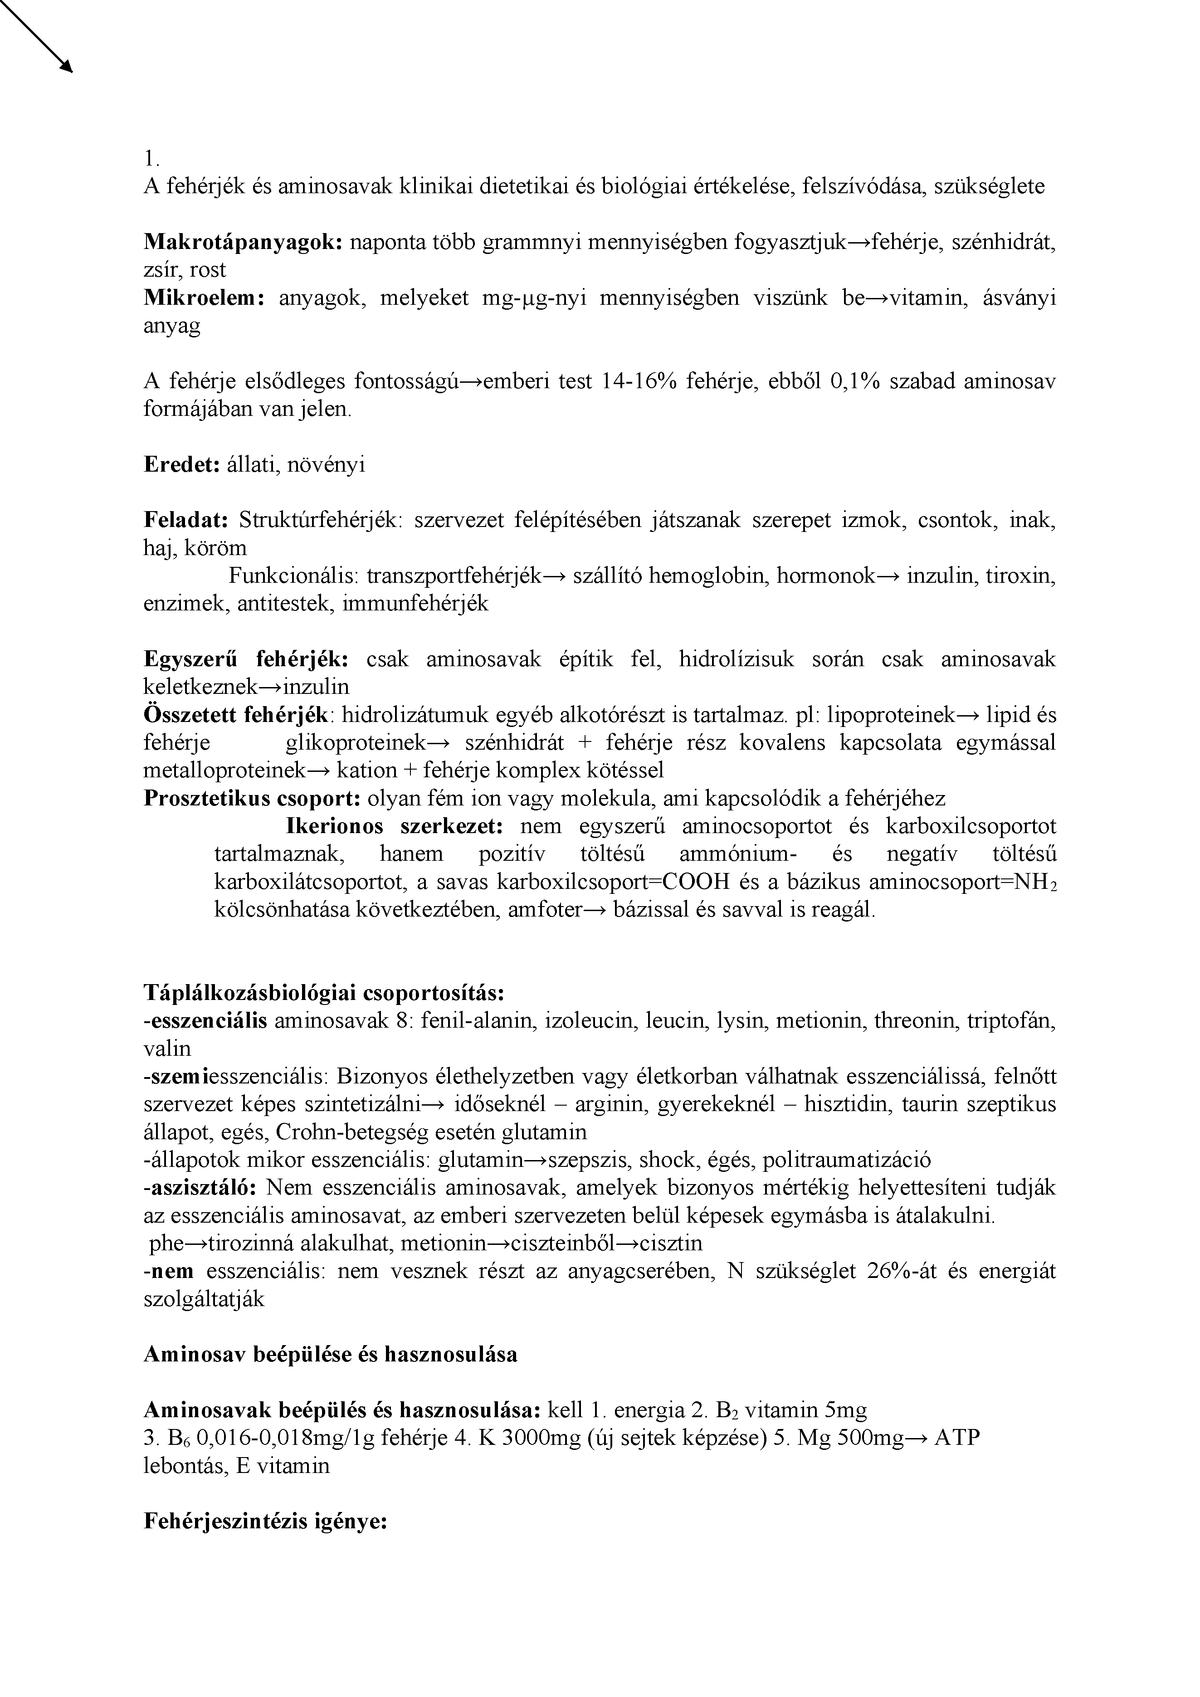 sárga golyós zsírégető felülvizsgálata